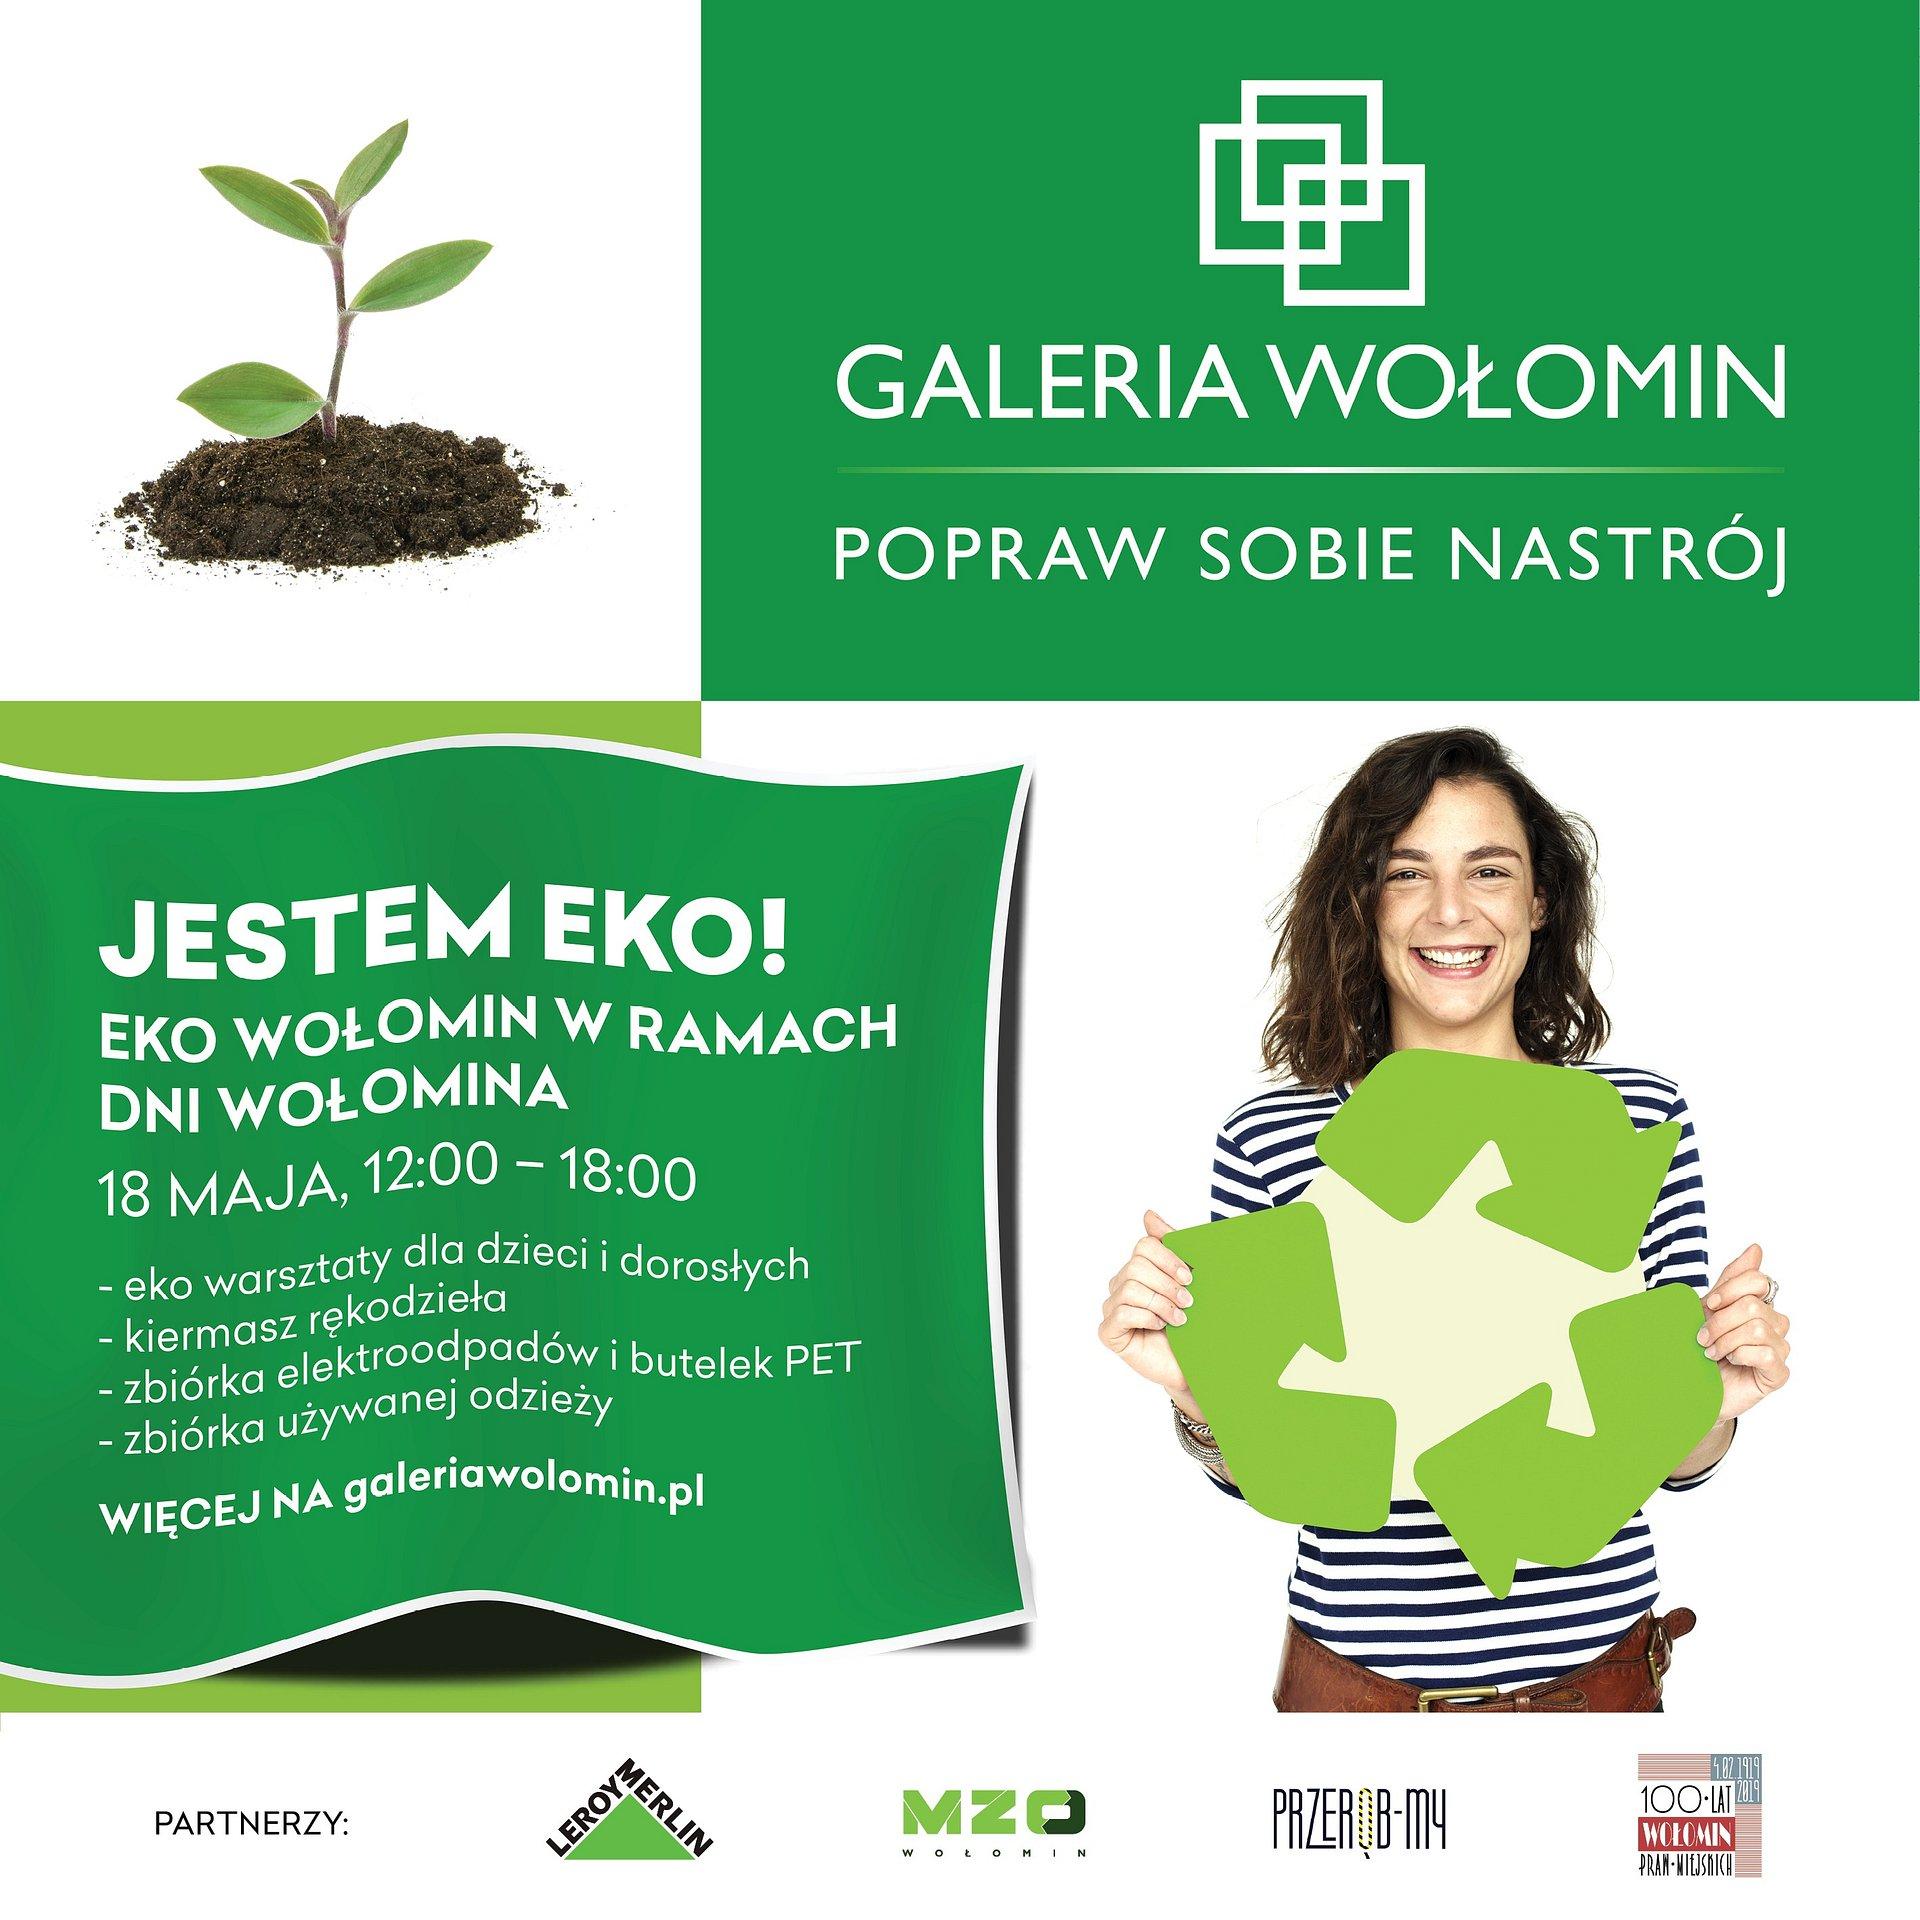 Galeria Wołomin stawia na ekologię!